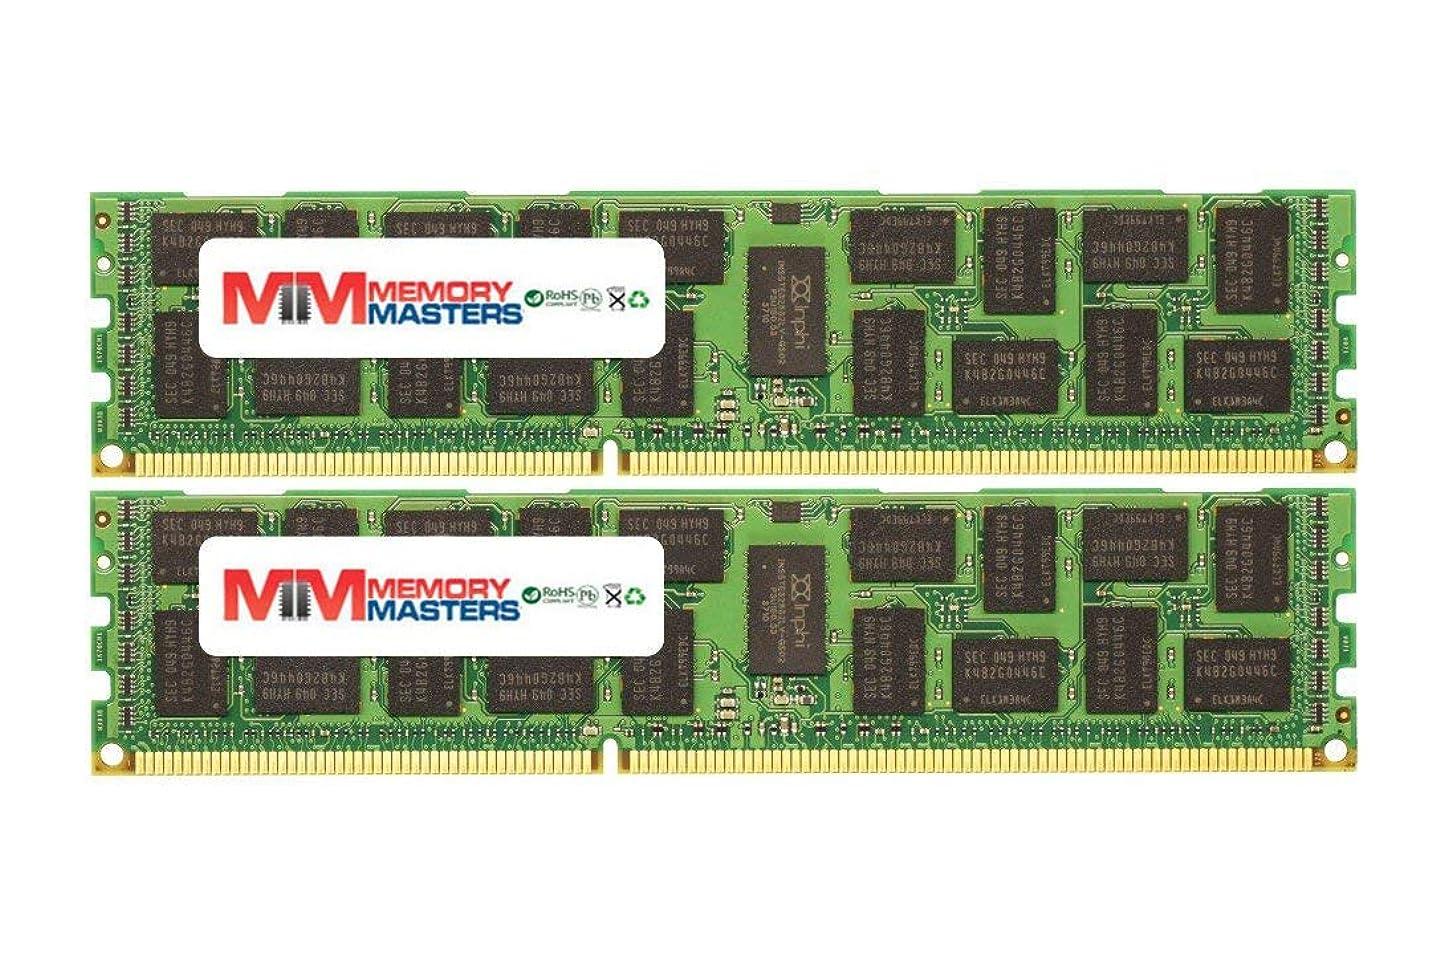 散る証書インターネット16GB 2X8GB メモリー RAM Dell 互換 PowerEdge T310 R310 240pin PC3-10600 1333MHz DDR3 RDIMM MemoryMasters メモリ モジュール アップグレード